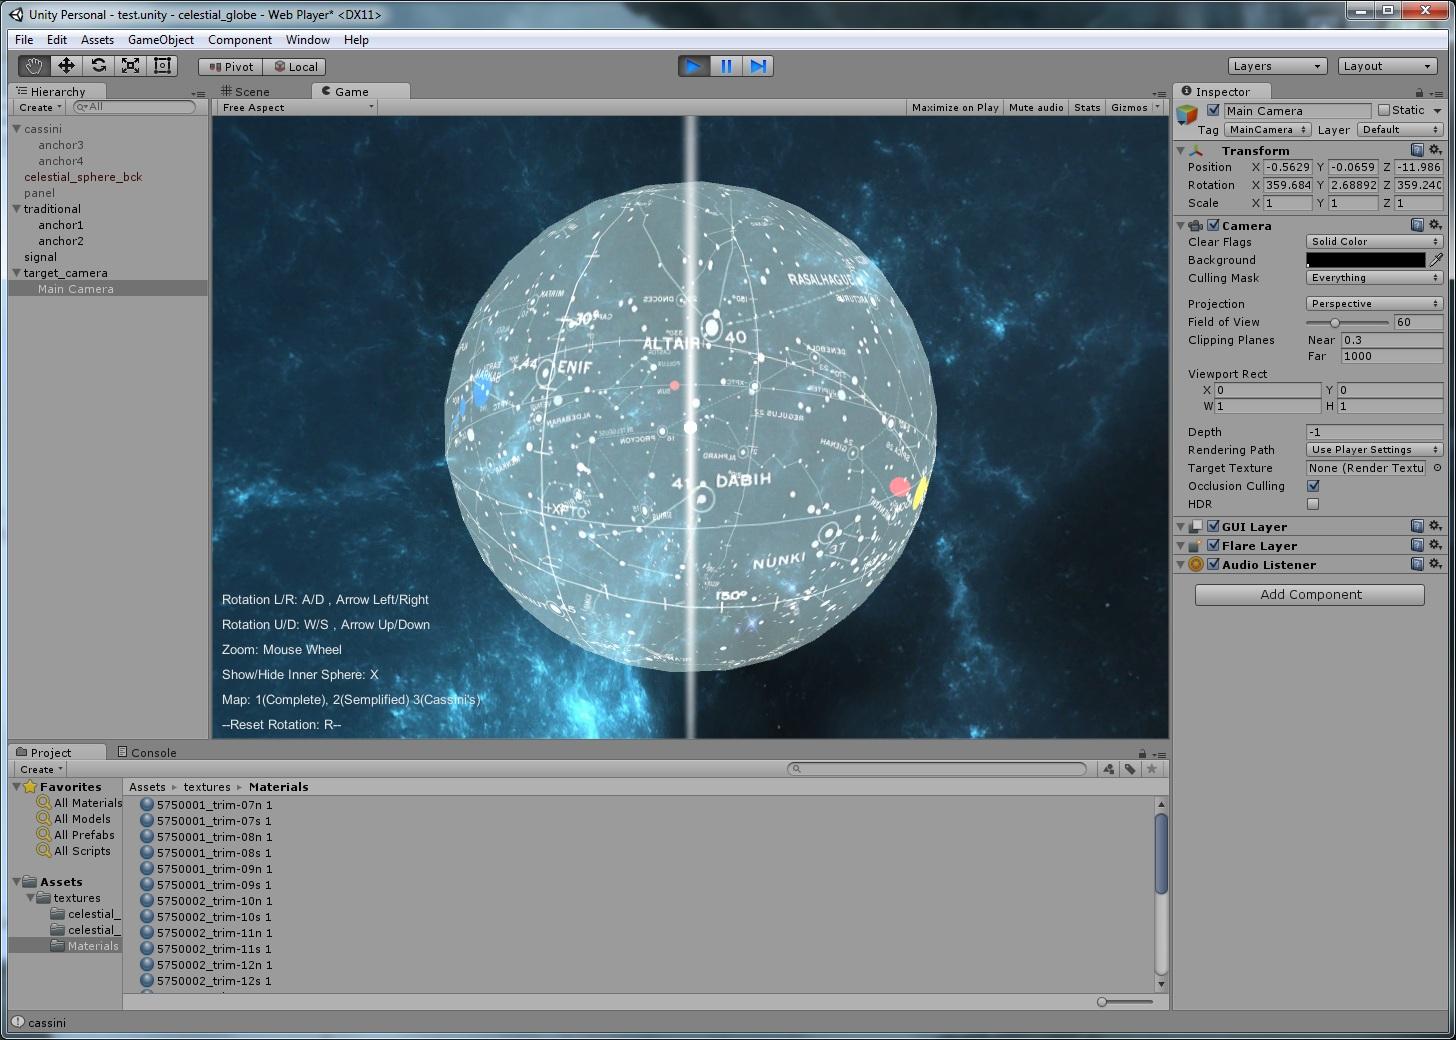 celestial_005X.jpg